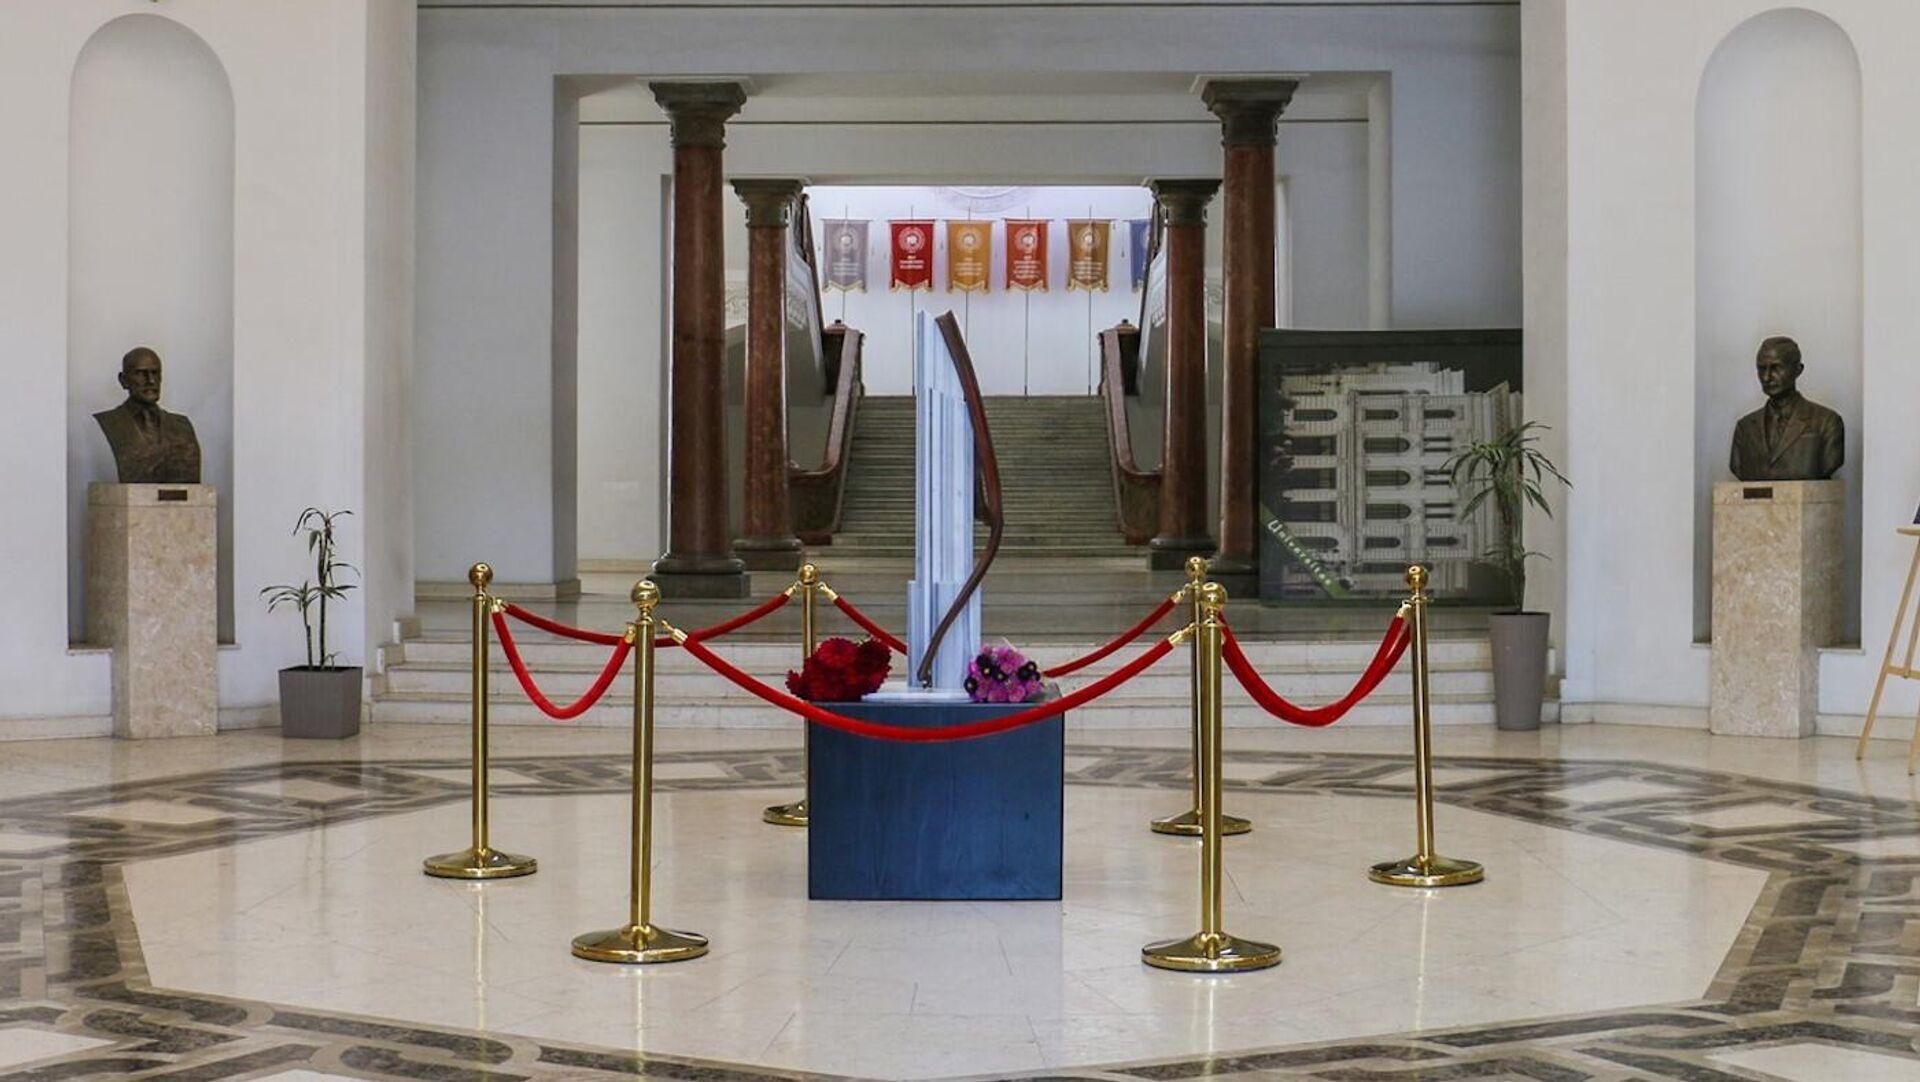 В ТГУ открылся мемориал и выставка, посвященная трагедии 11 сентября в Нью-Йорке  - Sputnik Грузия, 1920, 10.09.2021